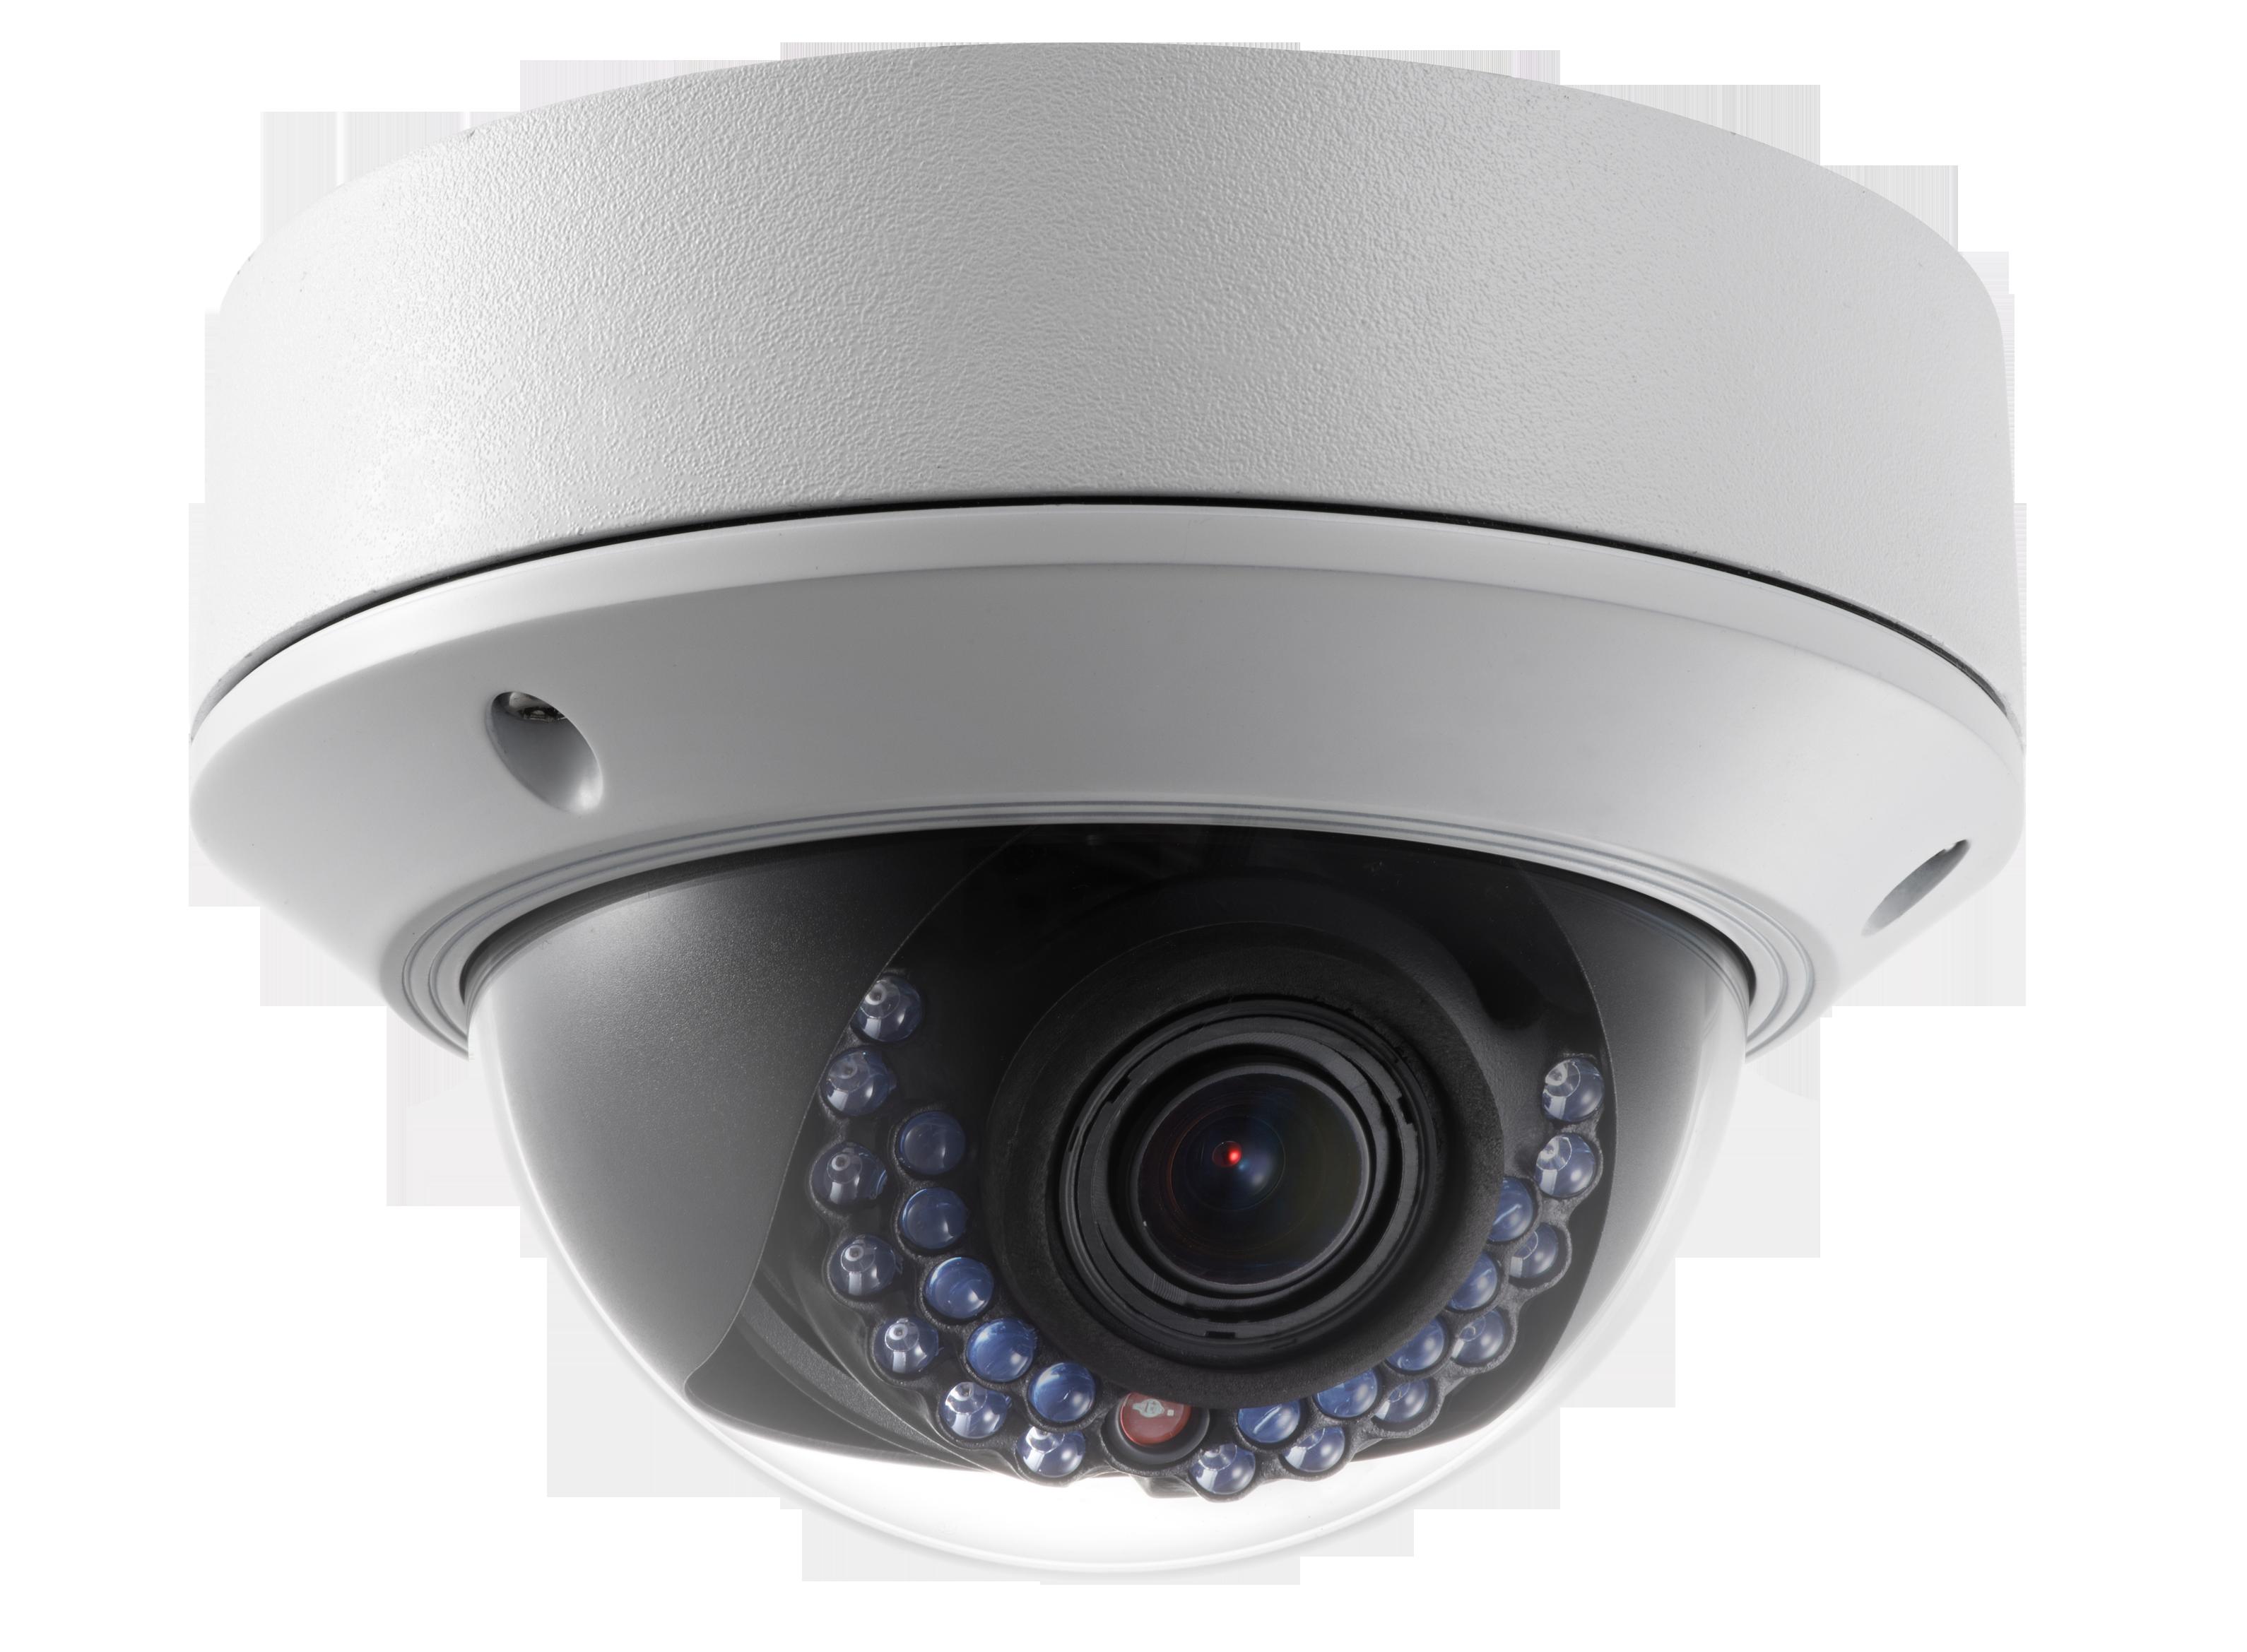 ClareVision Plus Dome Camera CVP-M4D50-ODI